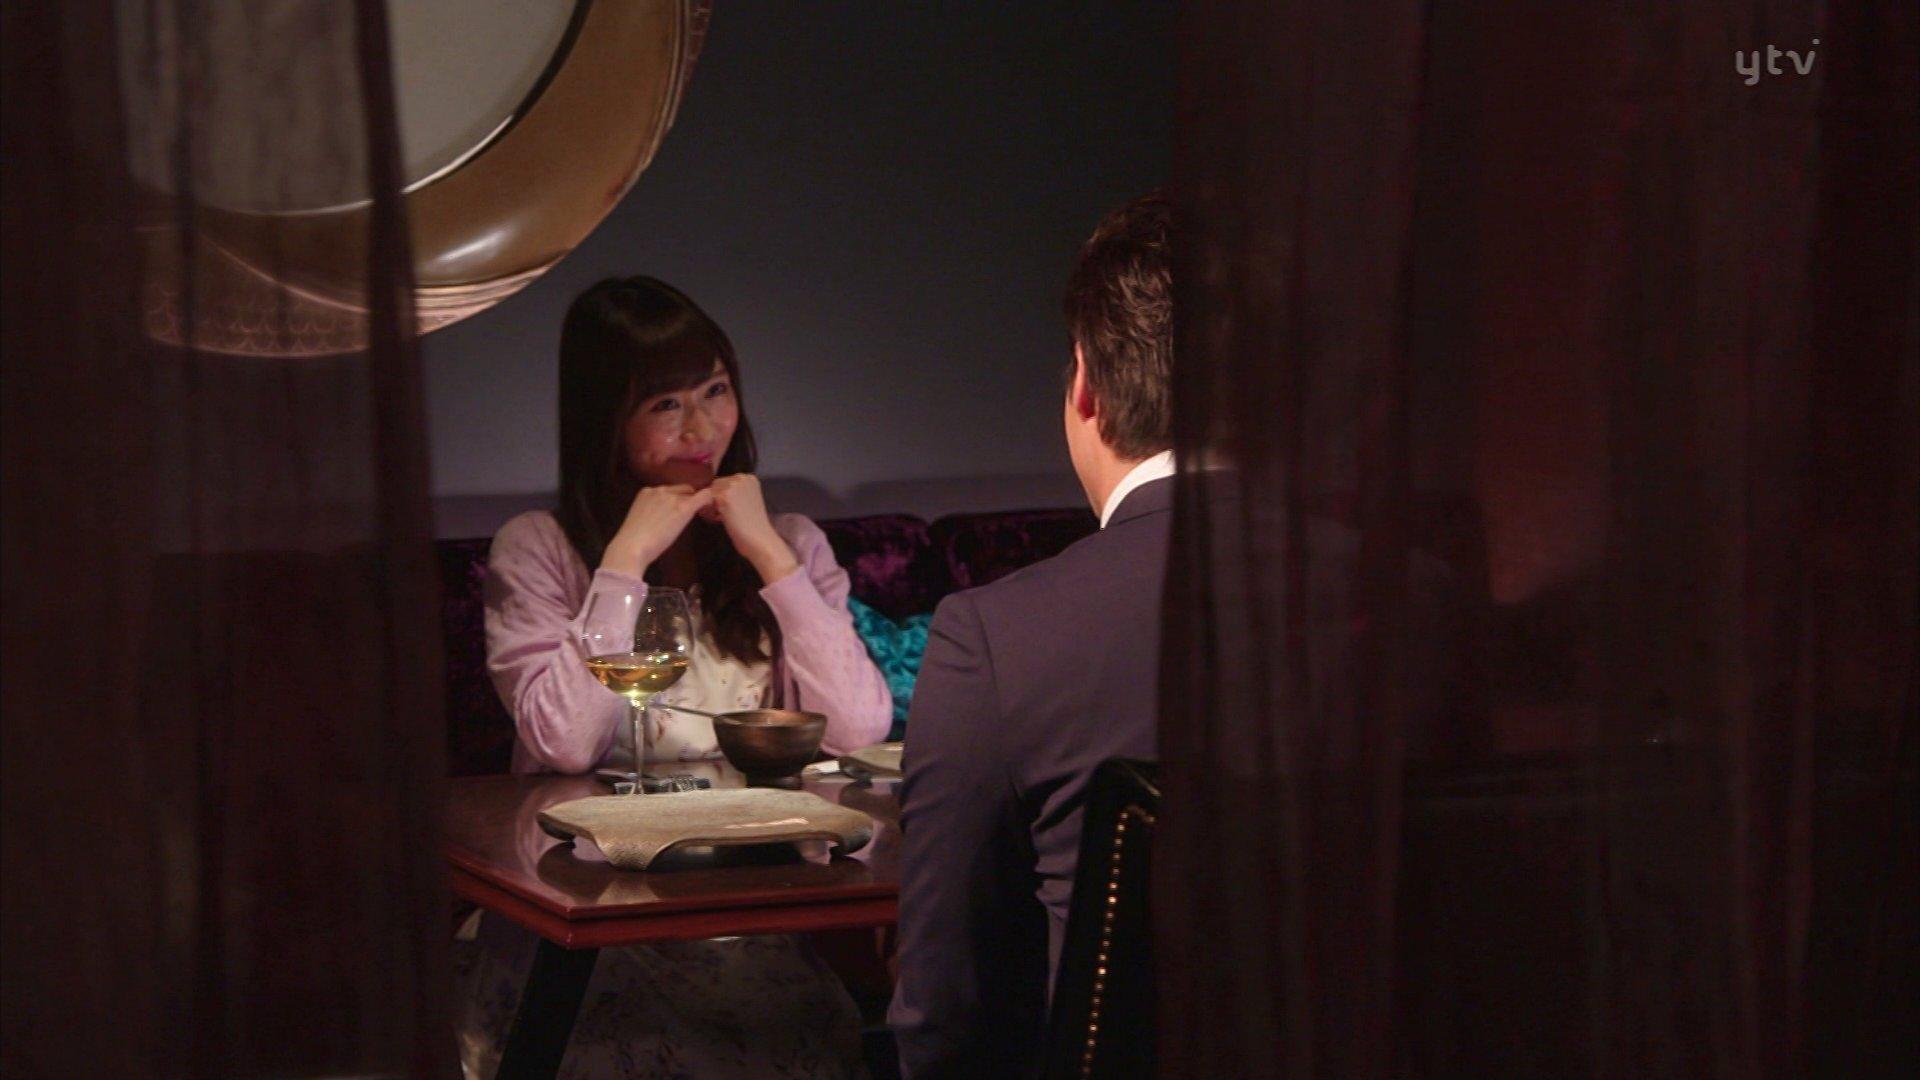 【矢倉楓子】ドラマ「白衣の戦士」・ふぅちゃん出演シーンの画像。